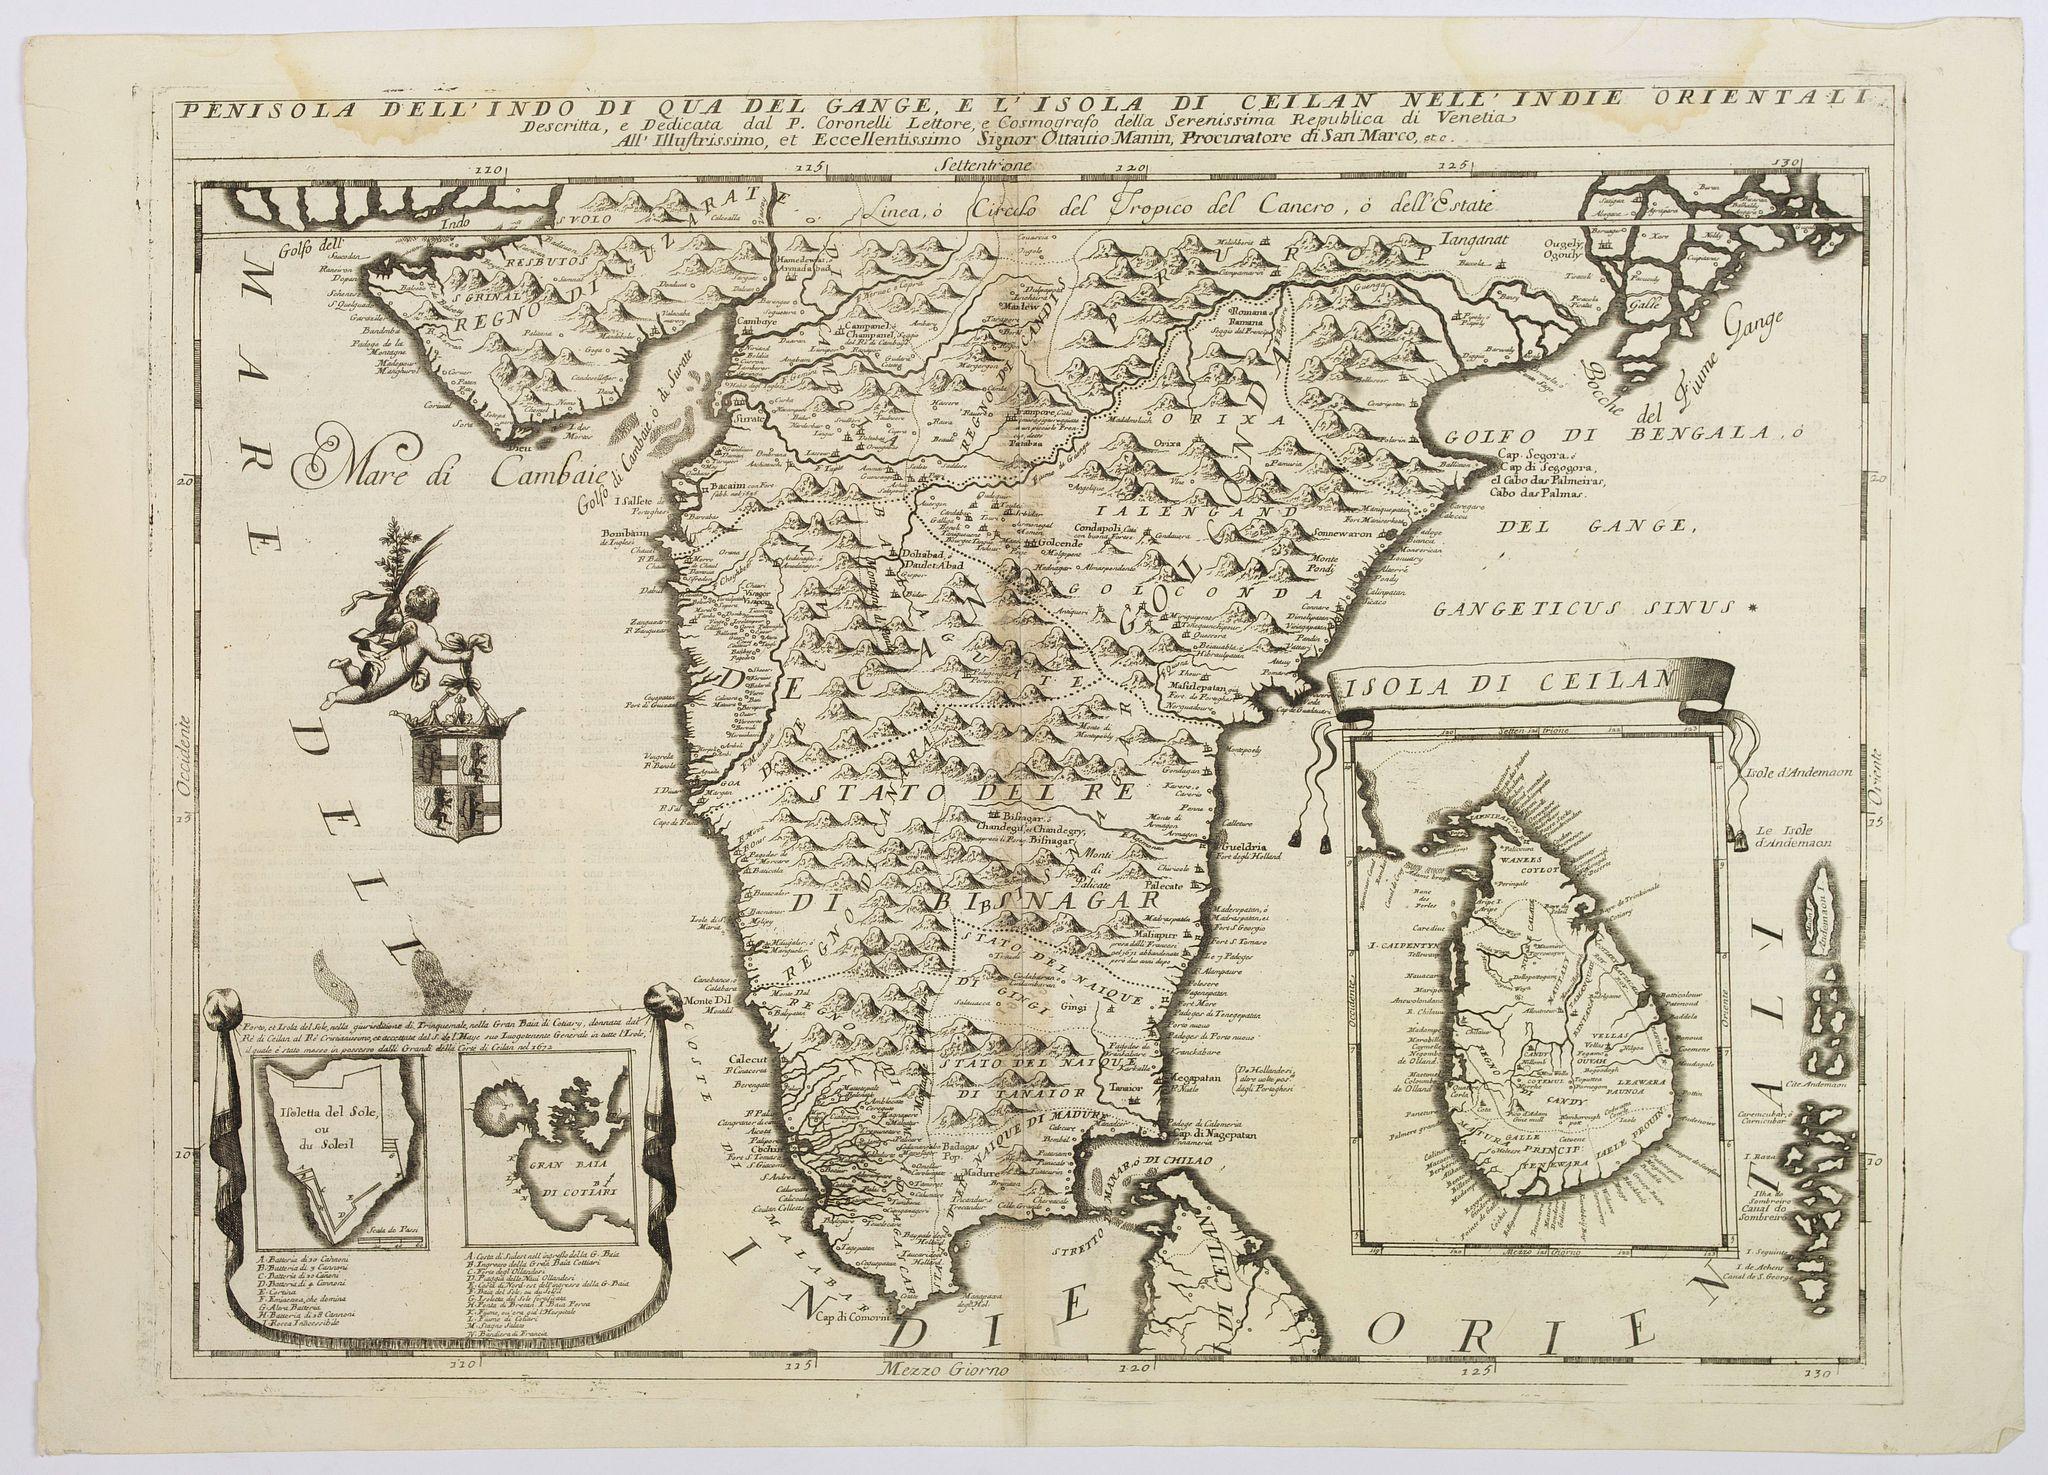 CORONELLI. - Penisola Dell' Indo di qua del Gange e L'Isola di Ceilan nell' Indie Orientale. . .